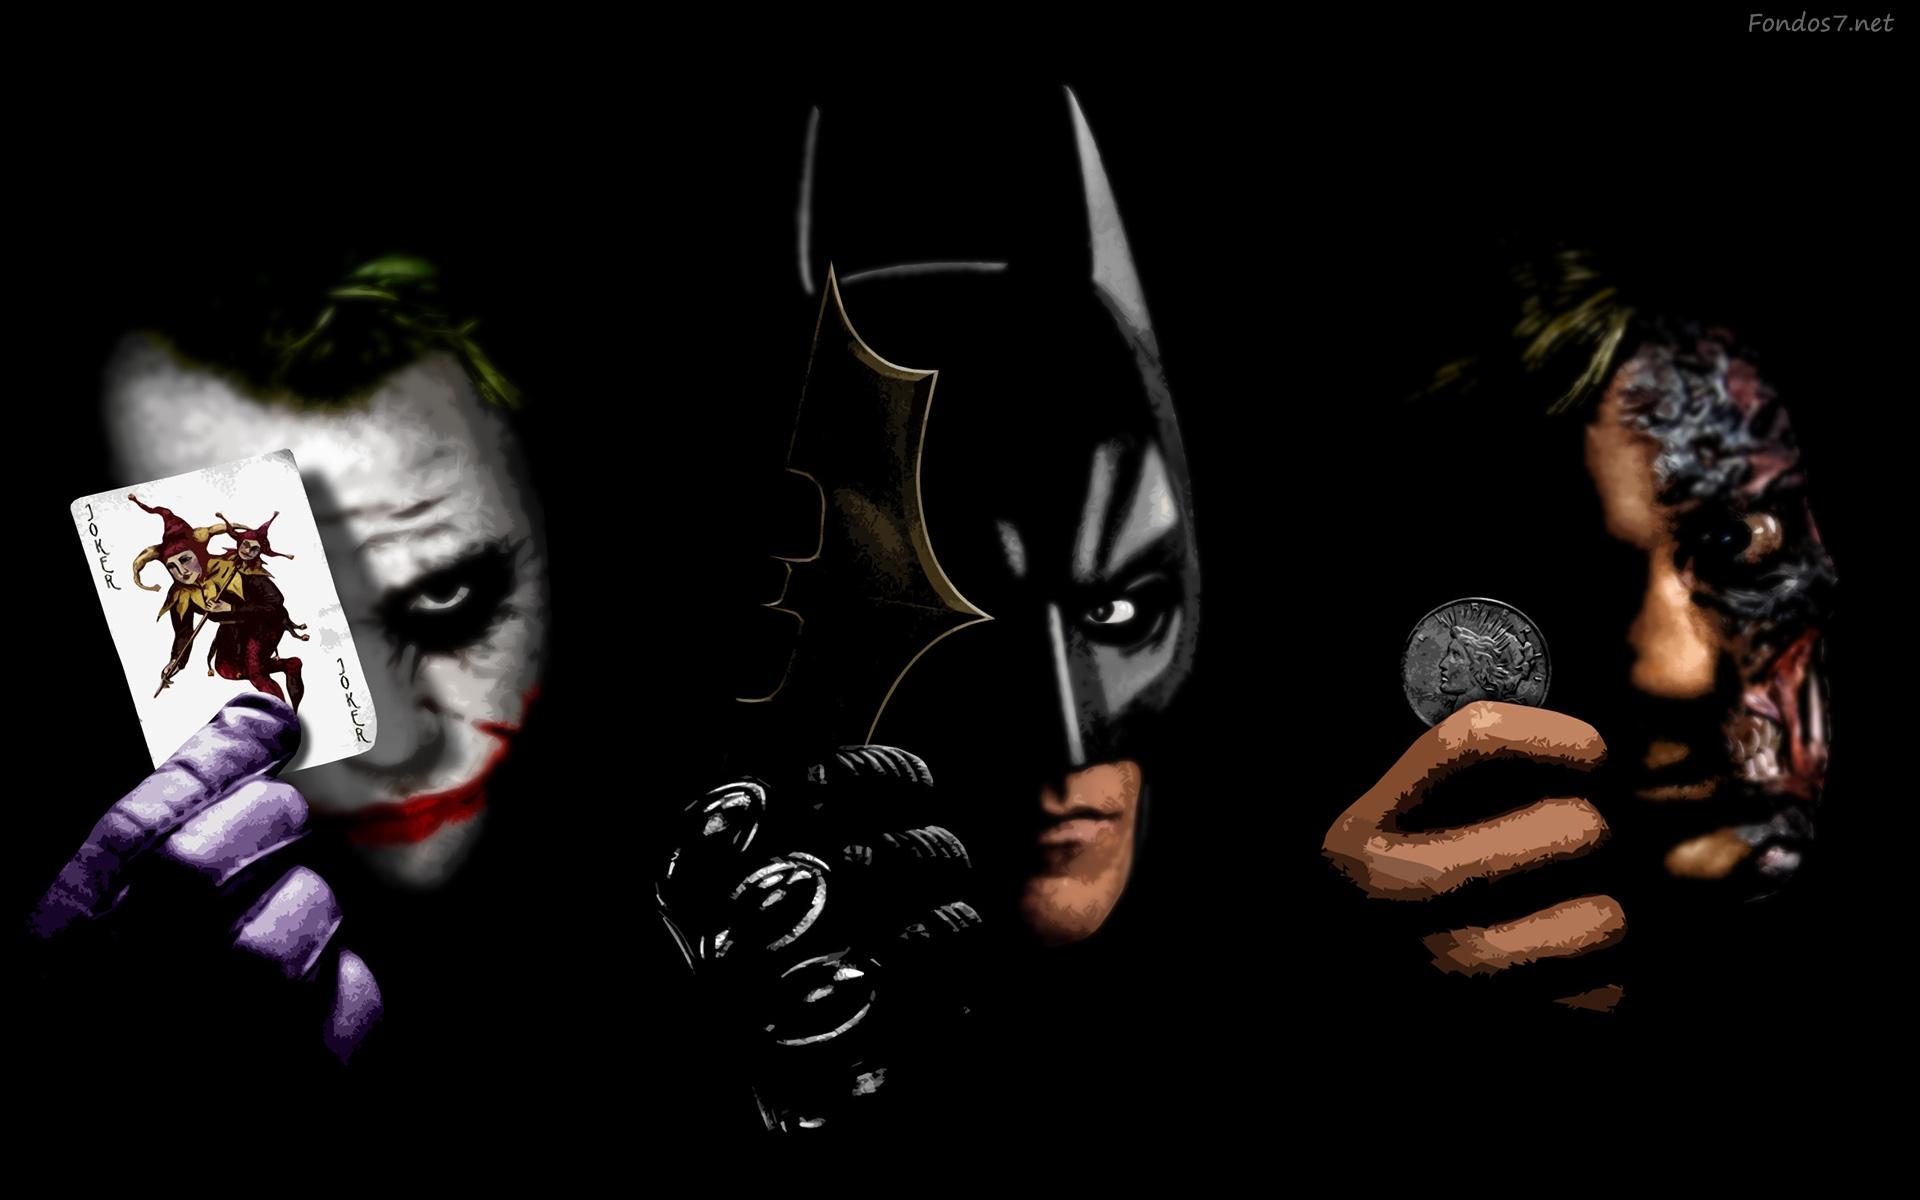 4k batman wallpaper wallpapersafari for Joker wallpaper 4k